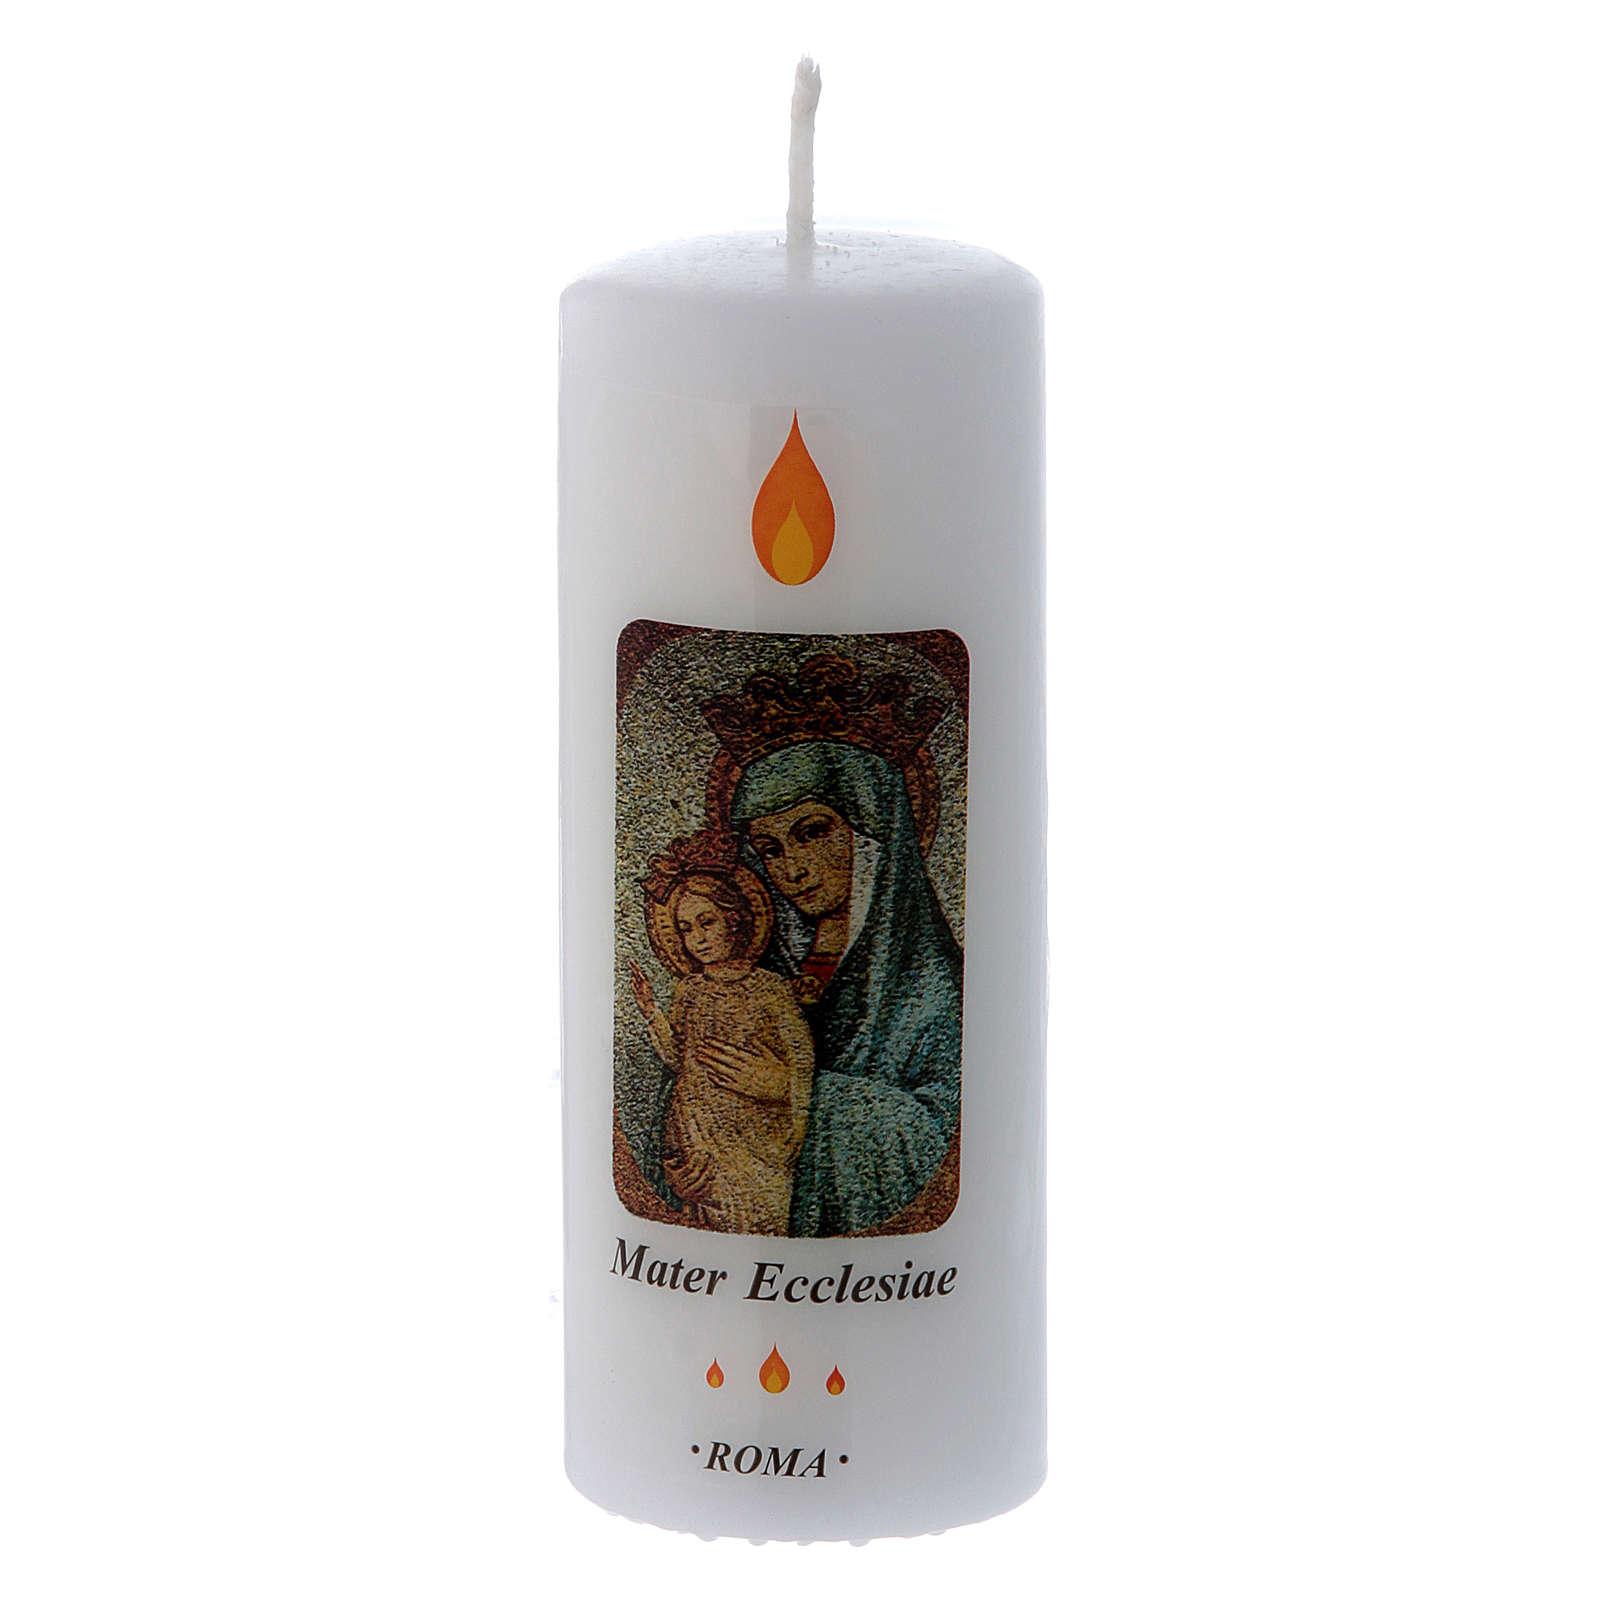 Candelotto Mater Ecclesiae Roma 13x5 cm 3